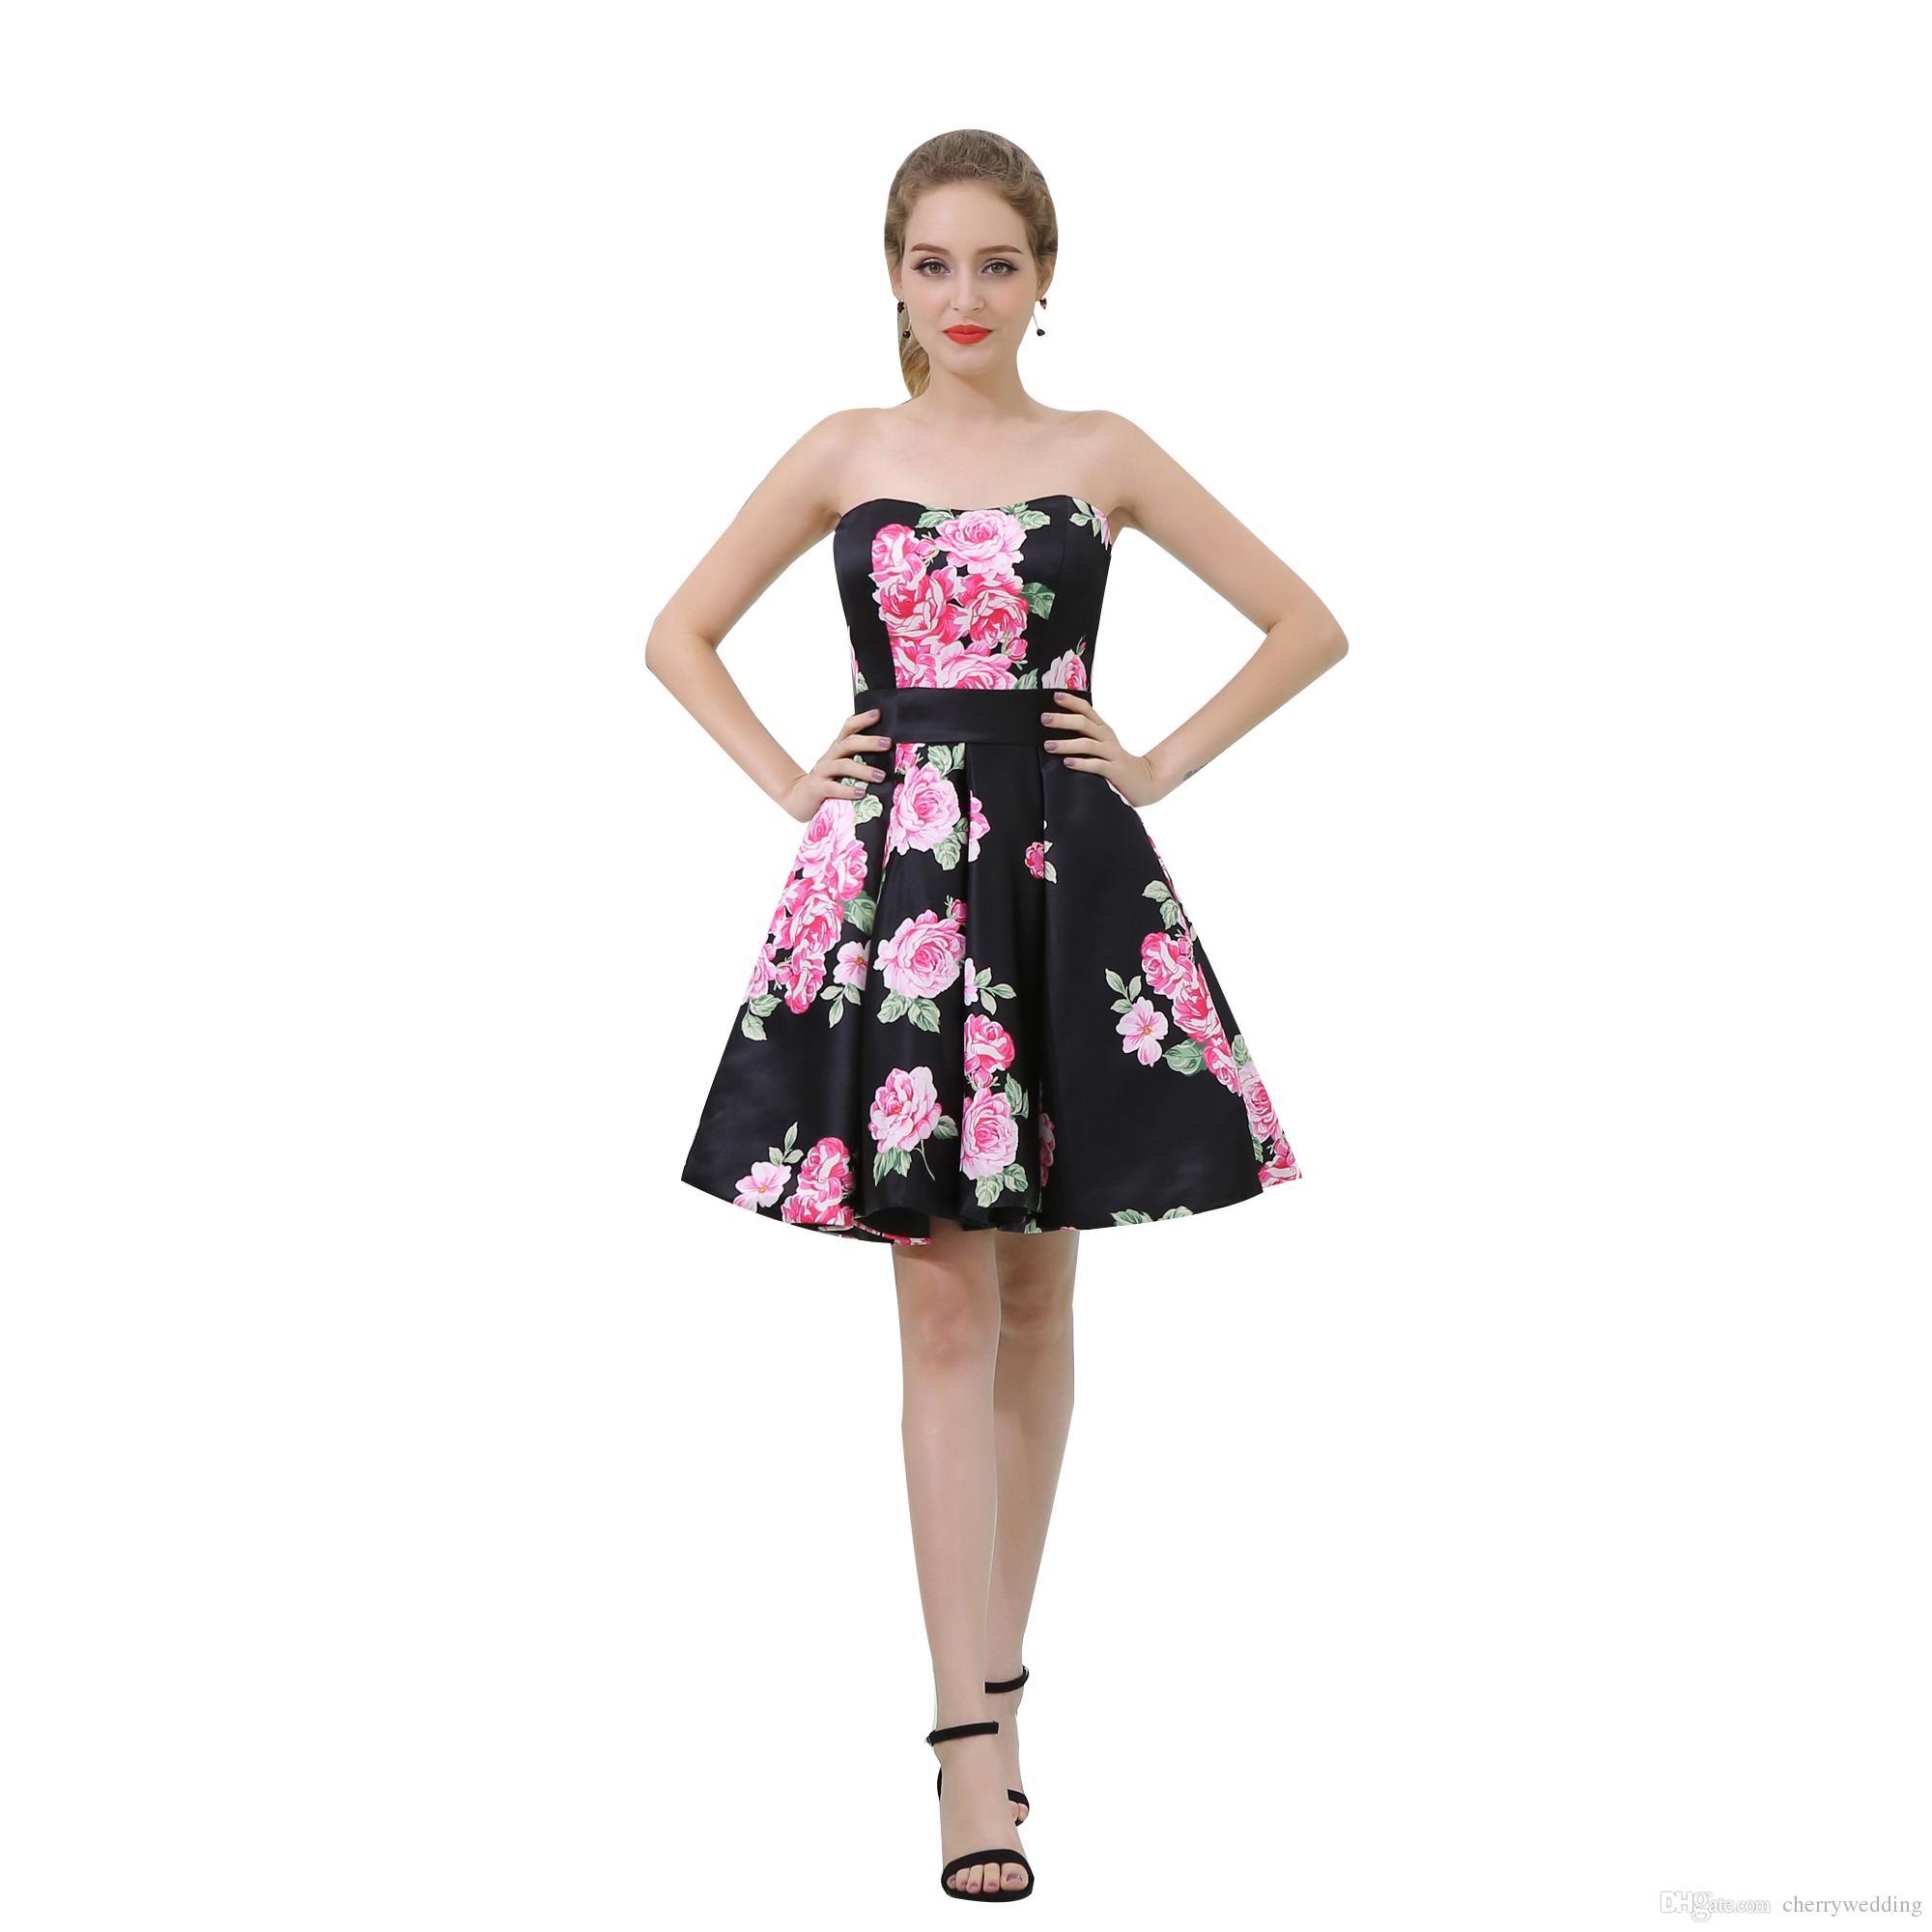 e540ebef04ba6 Satın Al Stokta Ucuz Balo Elbise Baskı Çiçekler Abiye Örgün Törenlerinde  2019 Robe De Bal Diz Boyu Baskı Çiçek Abiye B039, $79.4 | DHgate.Com'da